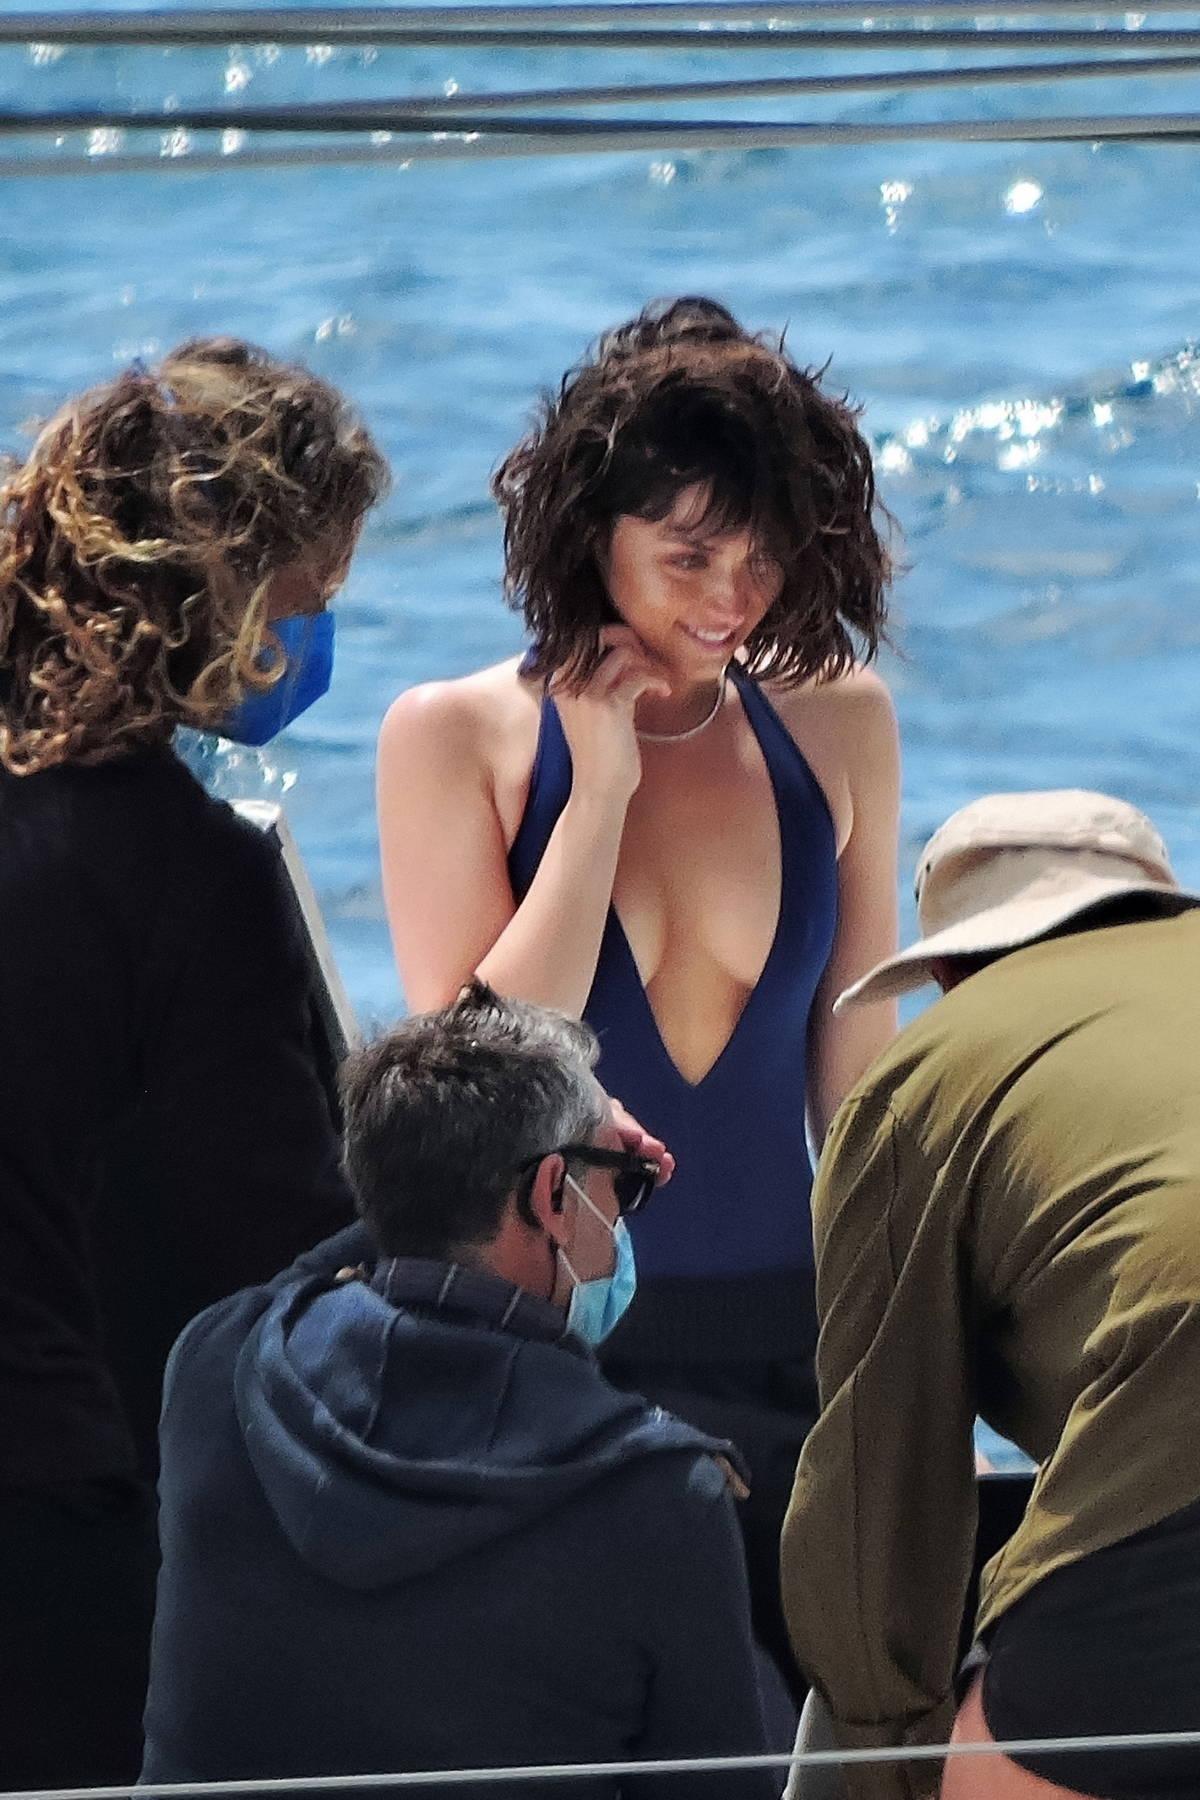 Ana de Armas seen filming a new commercial for Natural Diamond Council on a boat in Palma De Mallorca, Spain